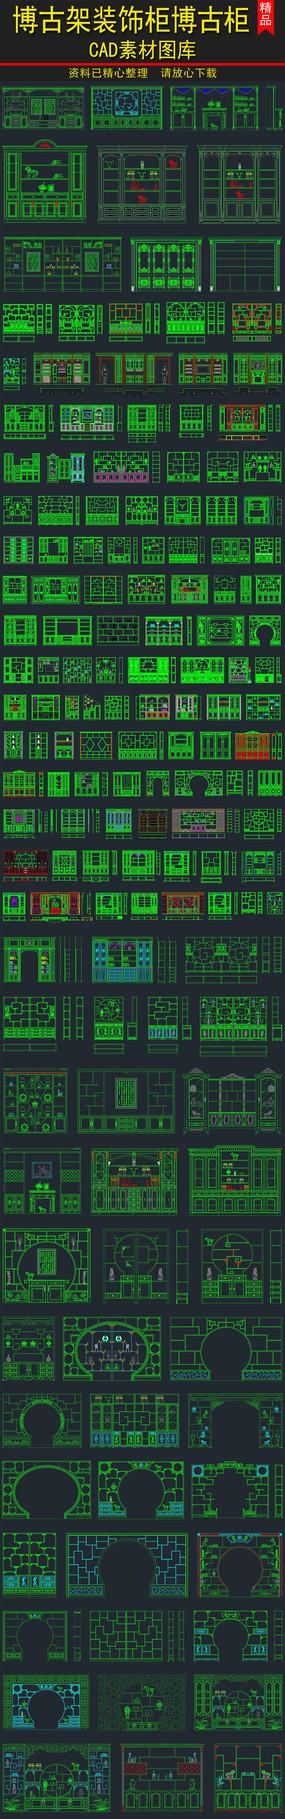 博古架装饰柜中式元素CAD